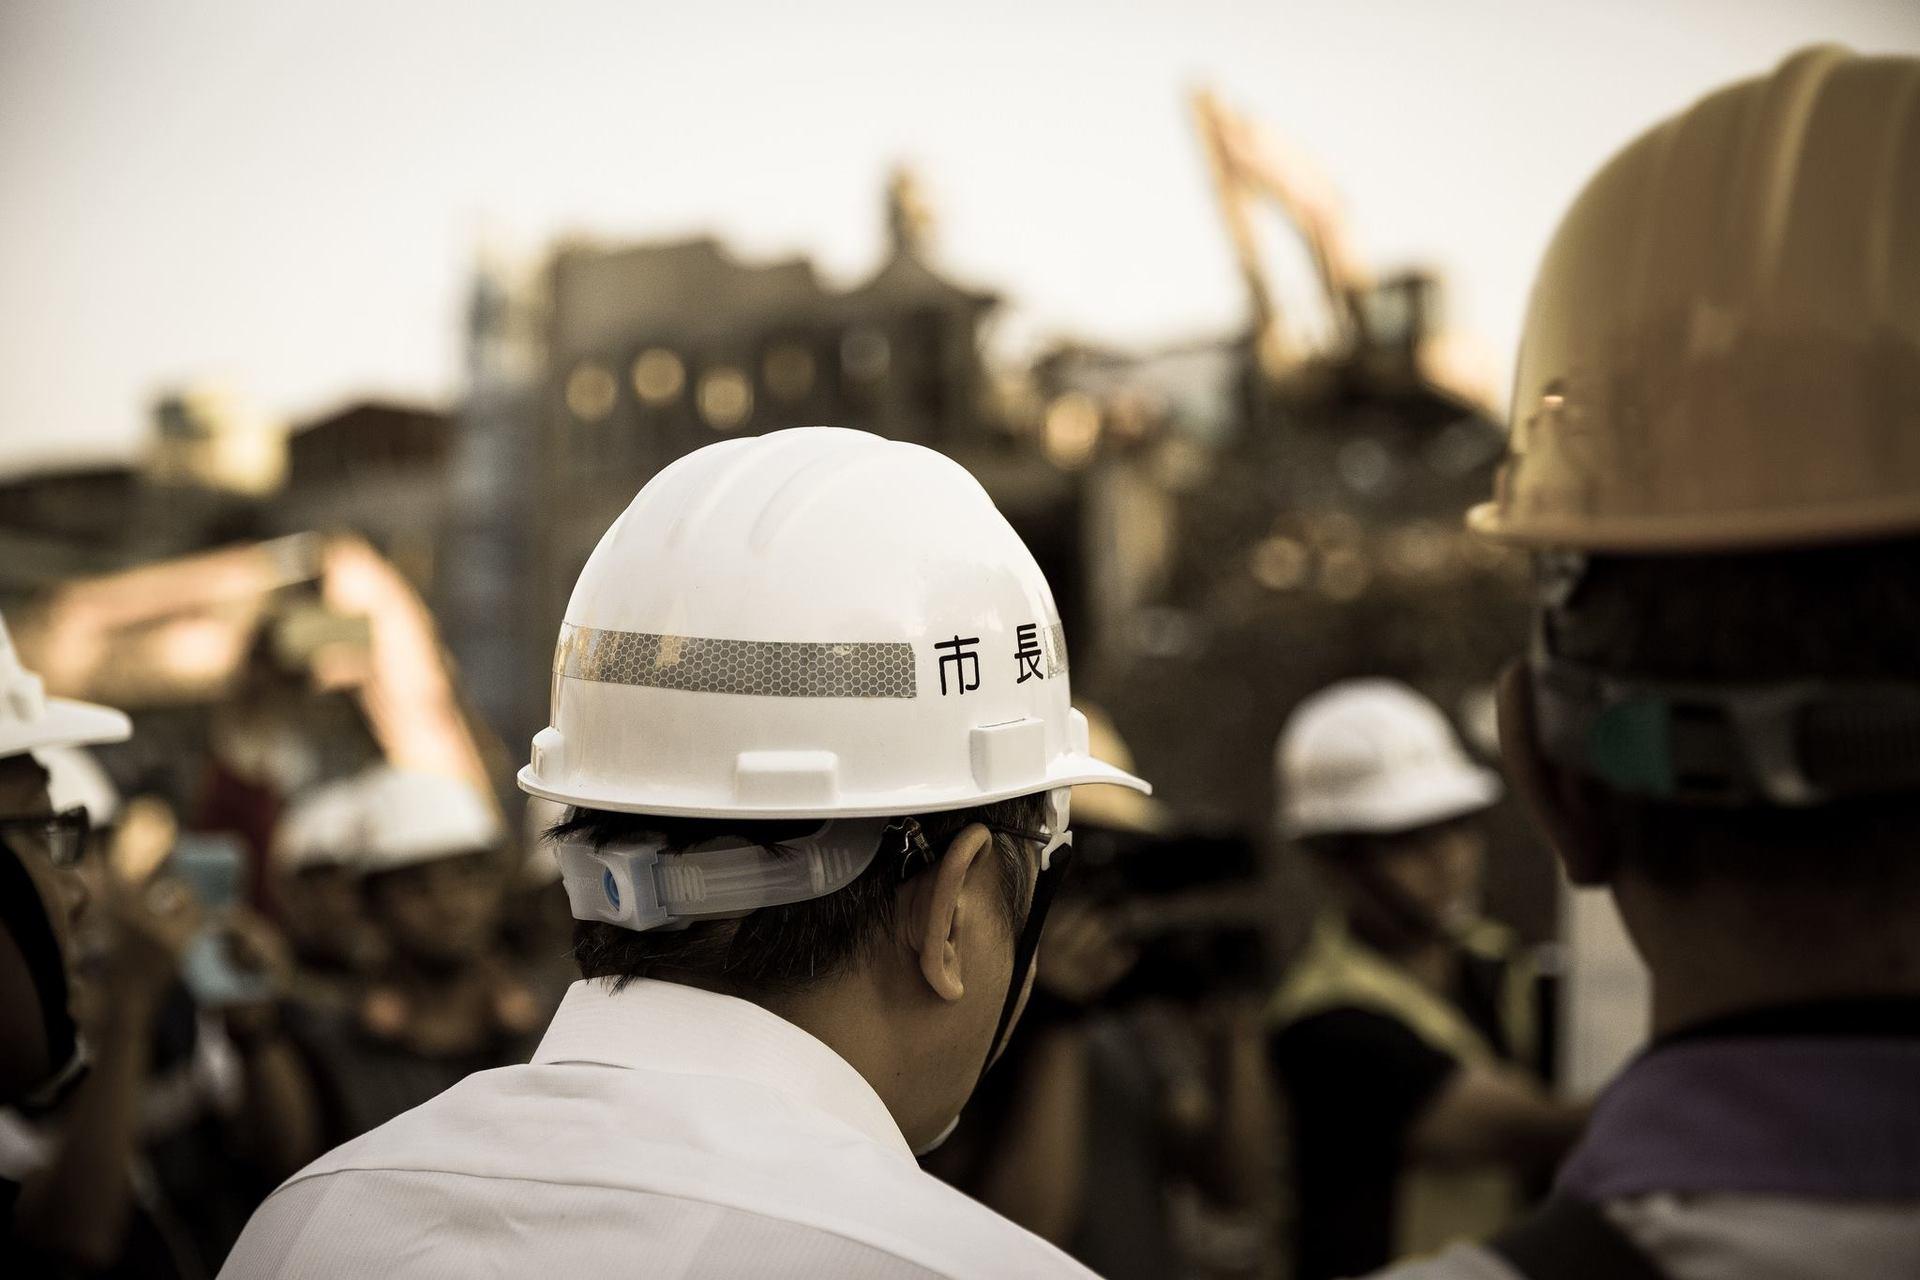 臺北市市長柯文哲近年來頻頻與總統蔡英文搶奪對中國政策之話語權,甚至公開與執政的民主進步黨唱反調。圖片來源:柯文哲/Facebook